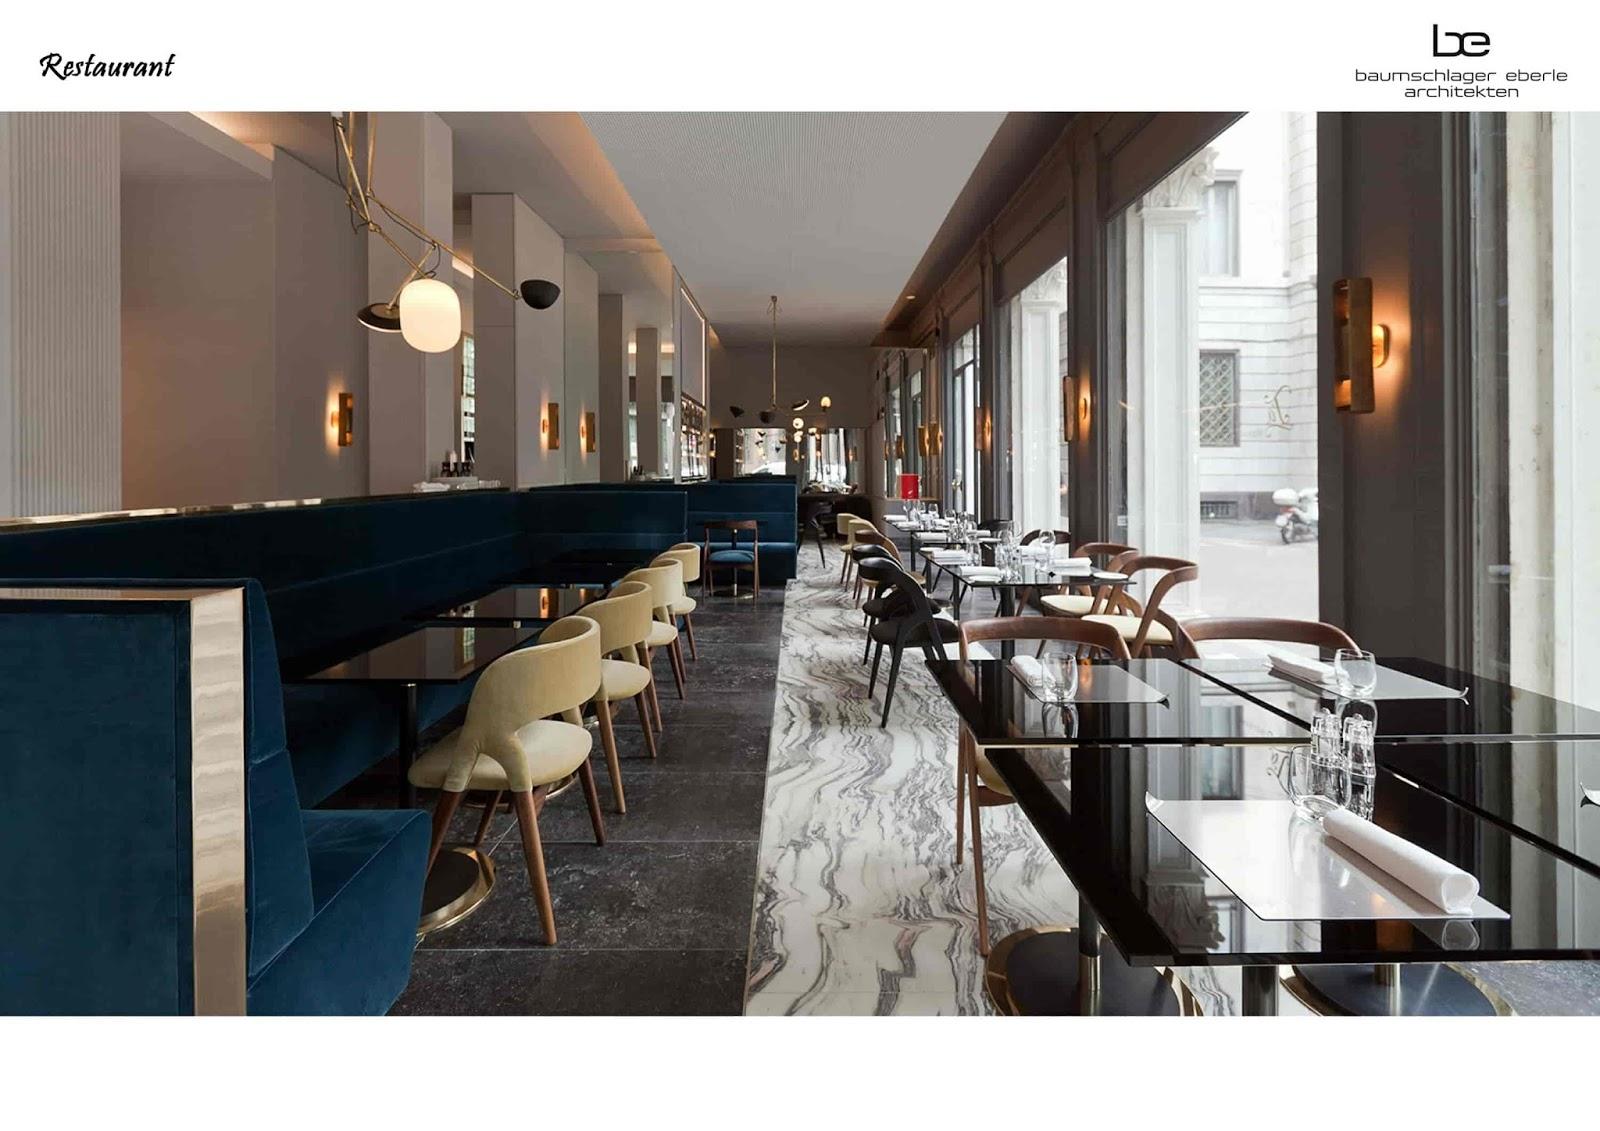 Nhà hàng 5 sao với đầy đủ các món ăn Âu - Á